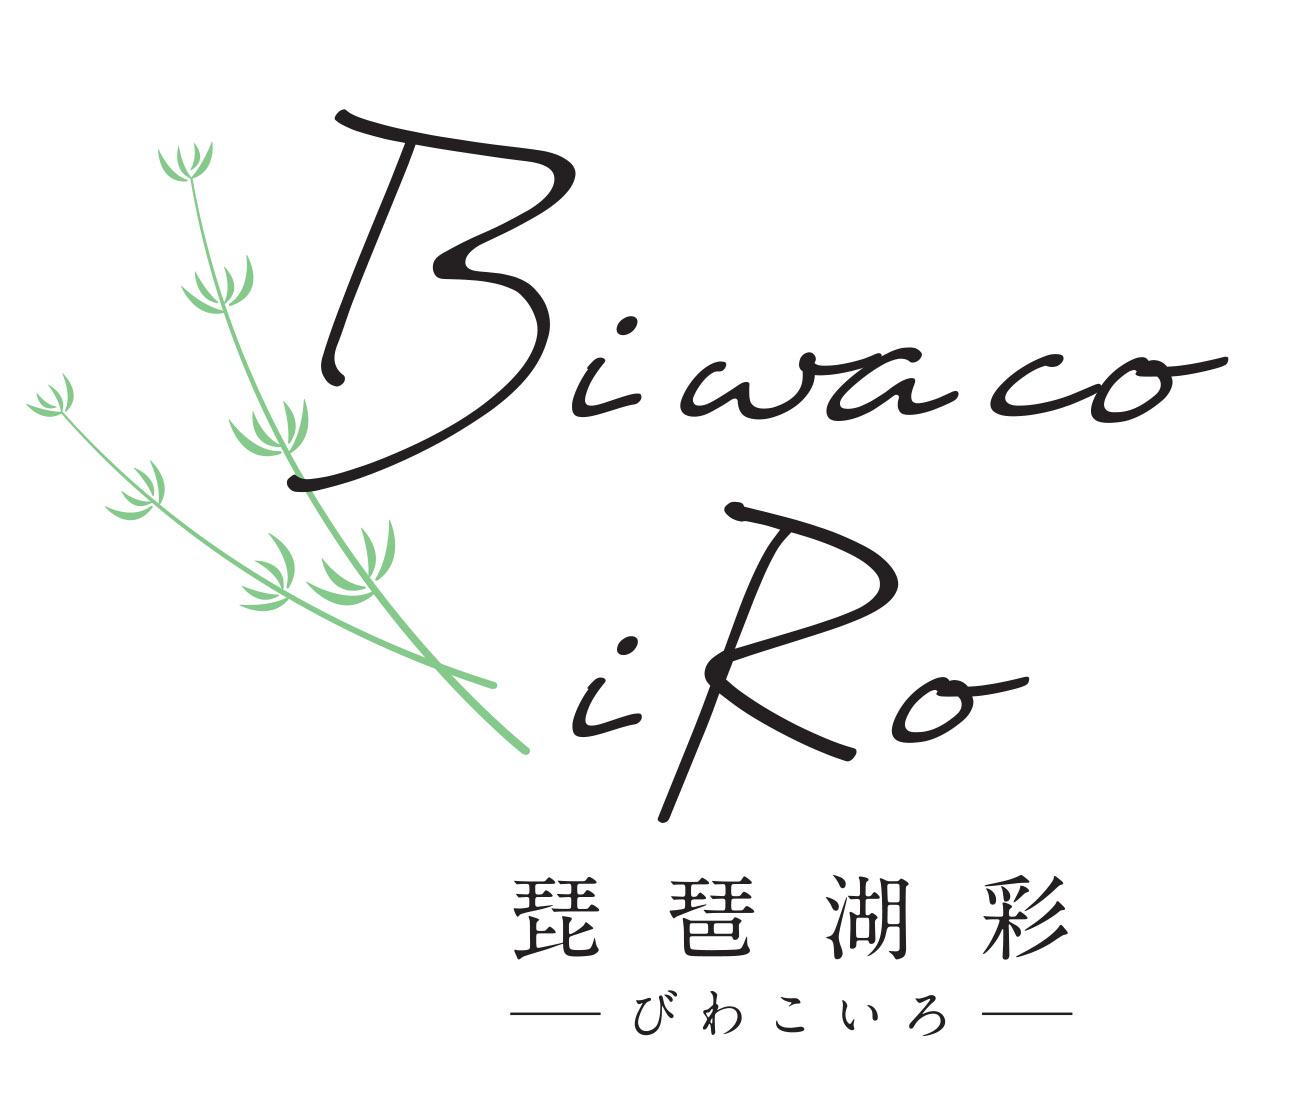 水草で着色したガラスブランド「琵琶湖彩(びわこいろ)」-glass imeca 神永朱美さん